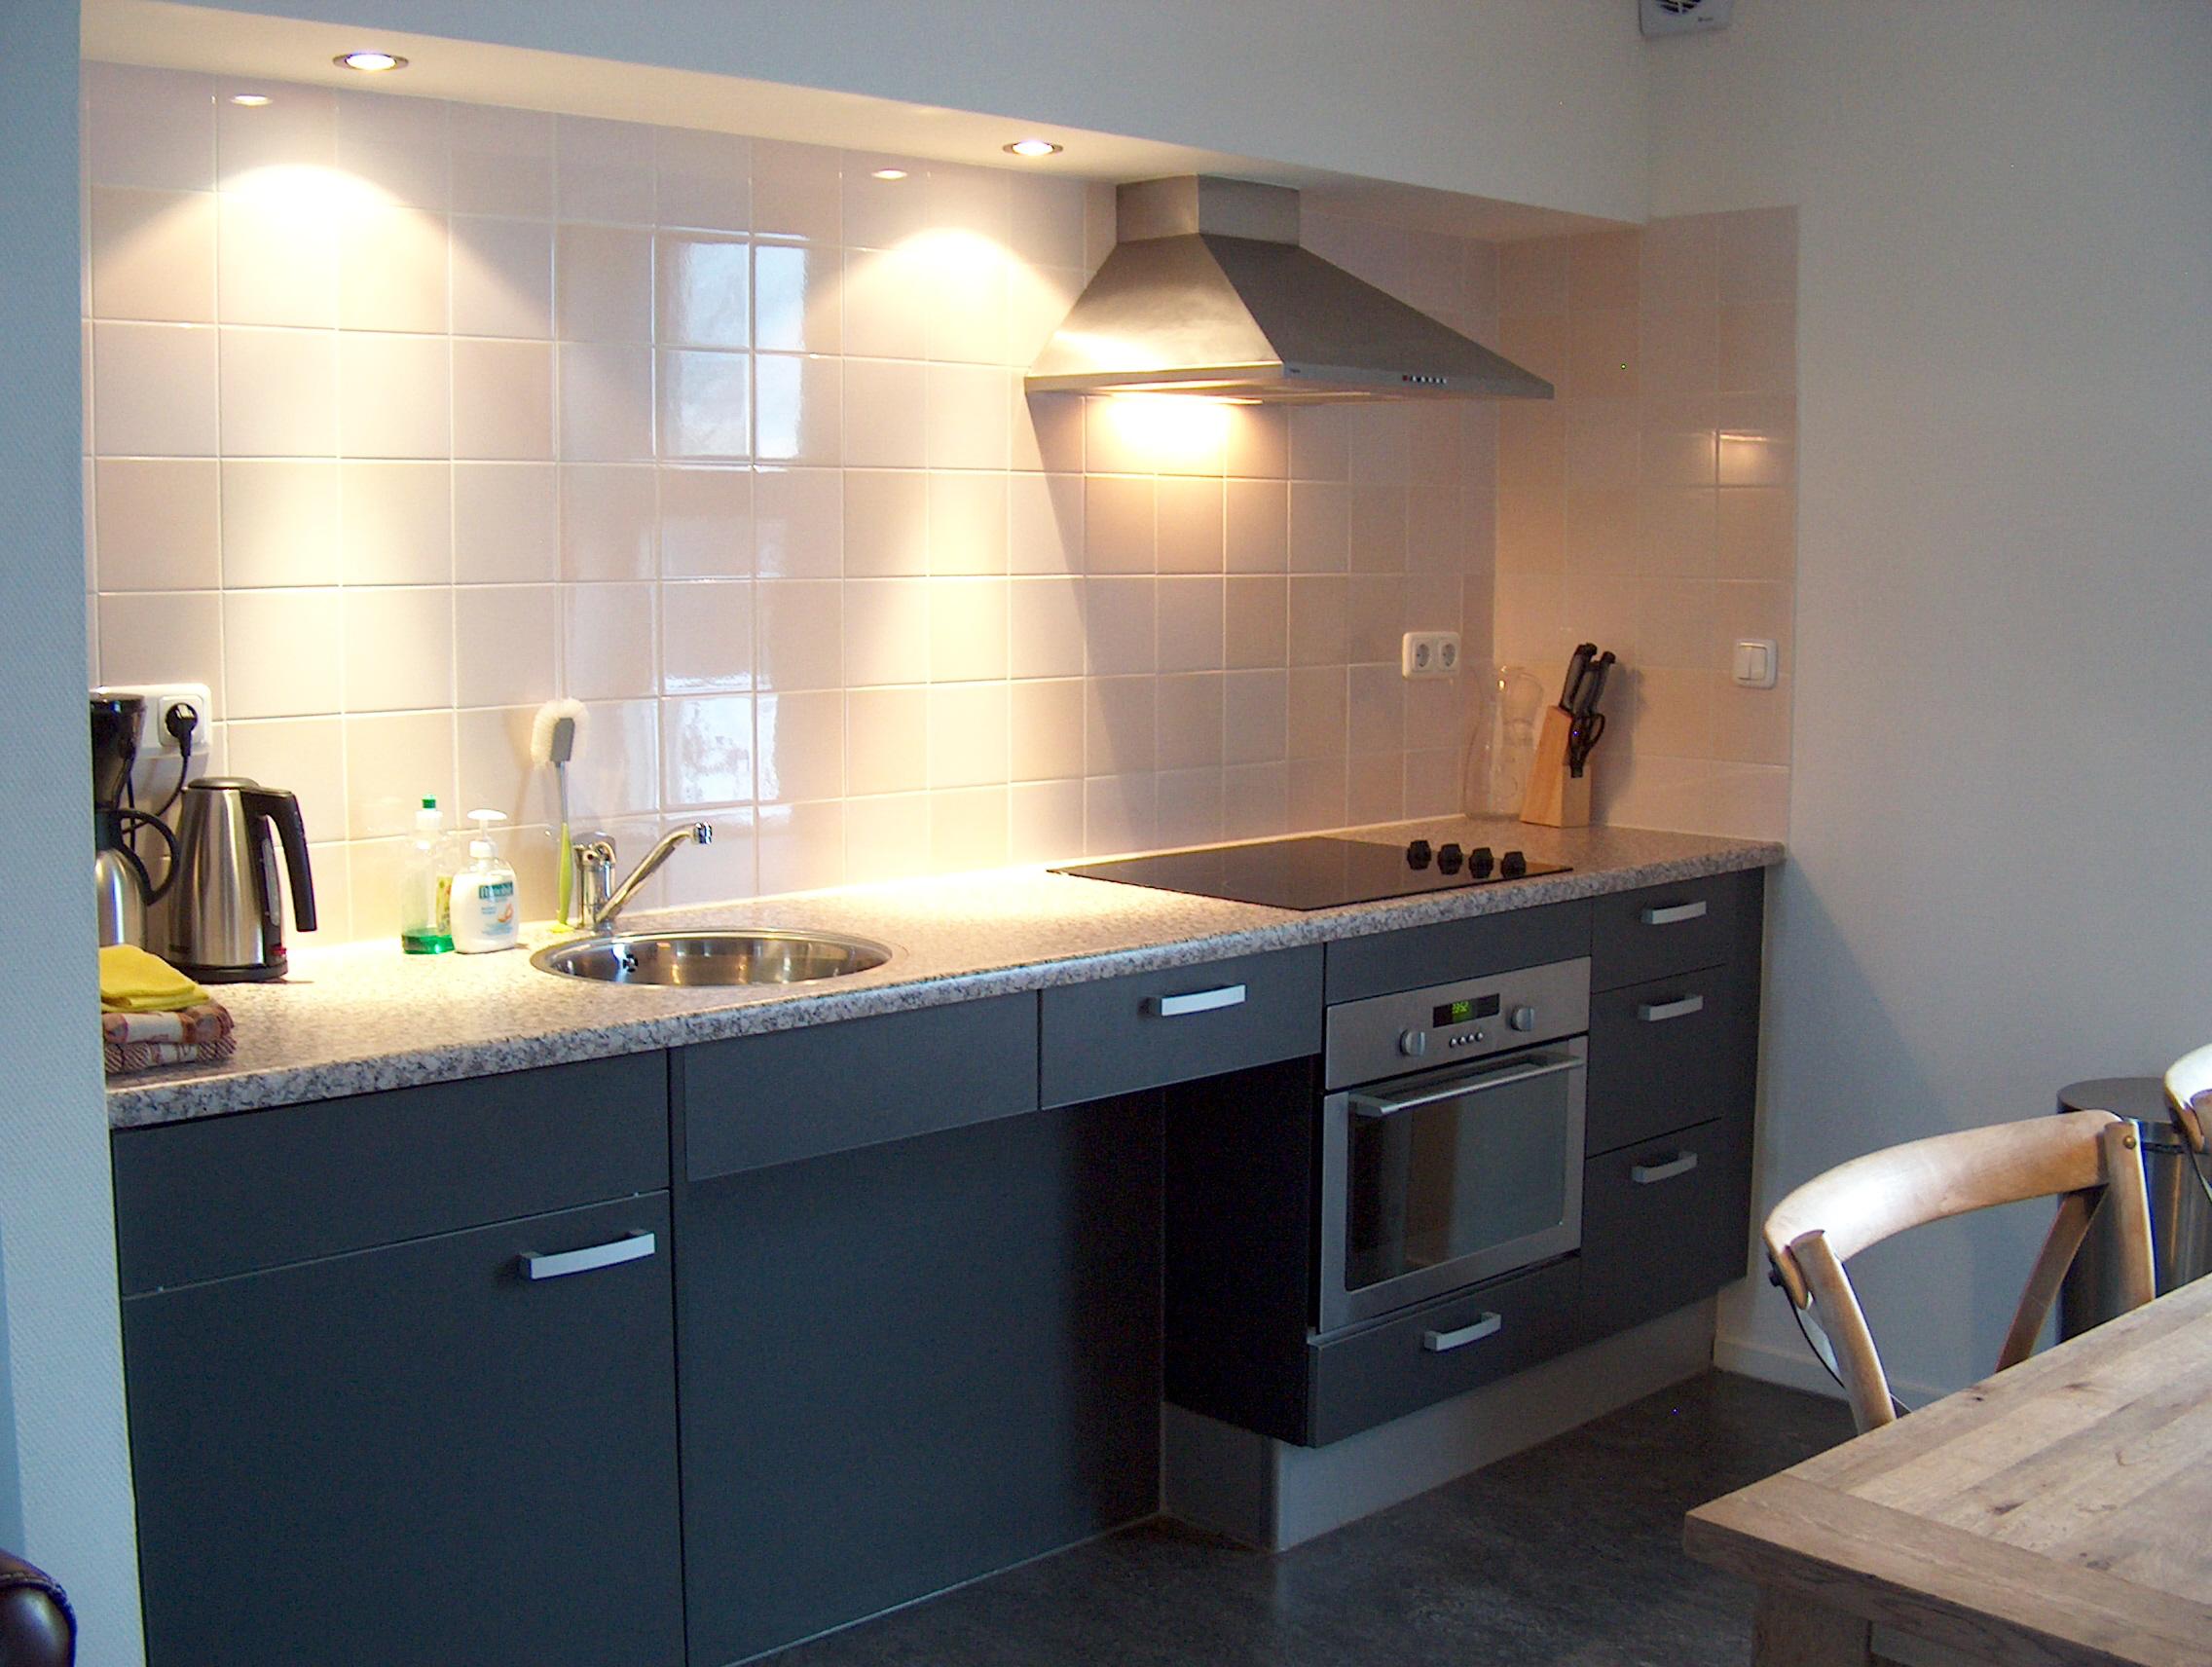 Comfortabele seniorenkeukens bij tieleman keukens product in beeld startpagina voor keuken - Land keuken model ...